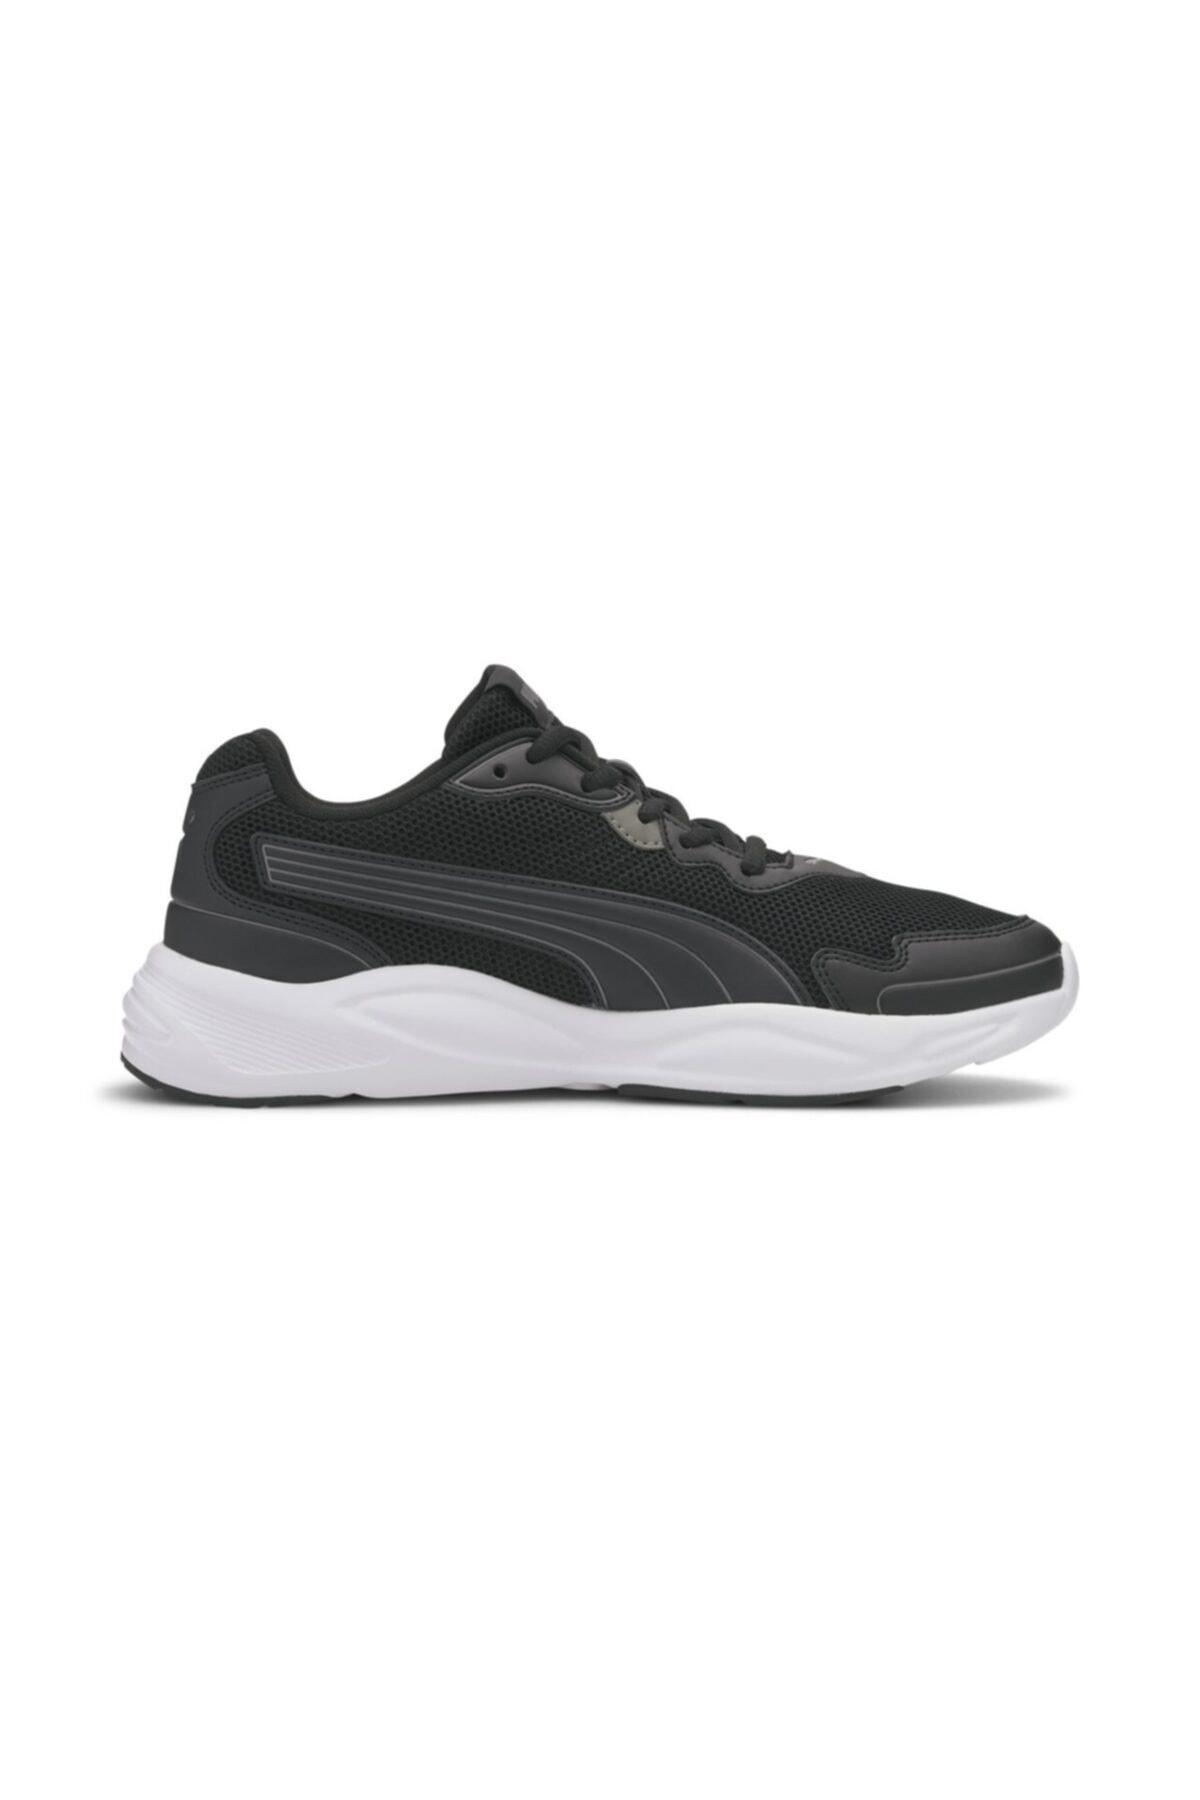 Puma 373017-01 90s Runner Nu Wave Kadın Erkek Günlük Spor Ayakkabı 2